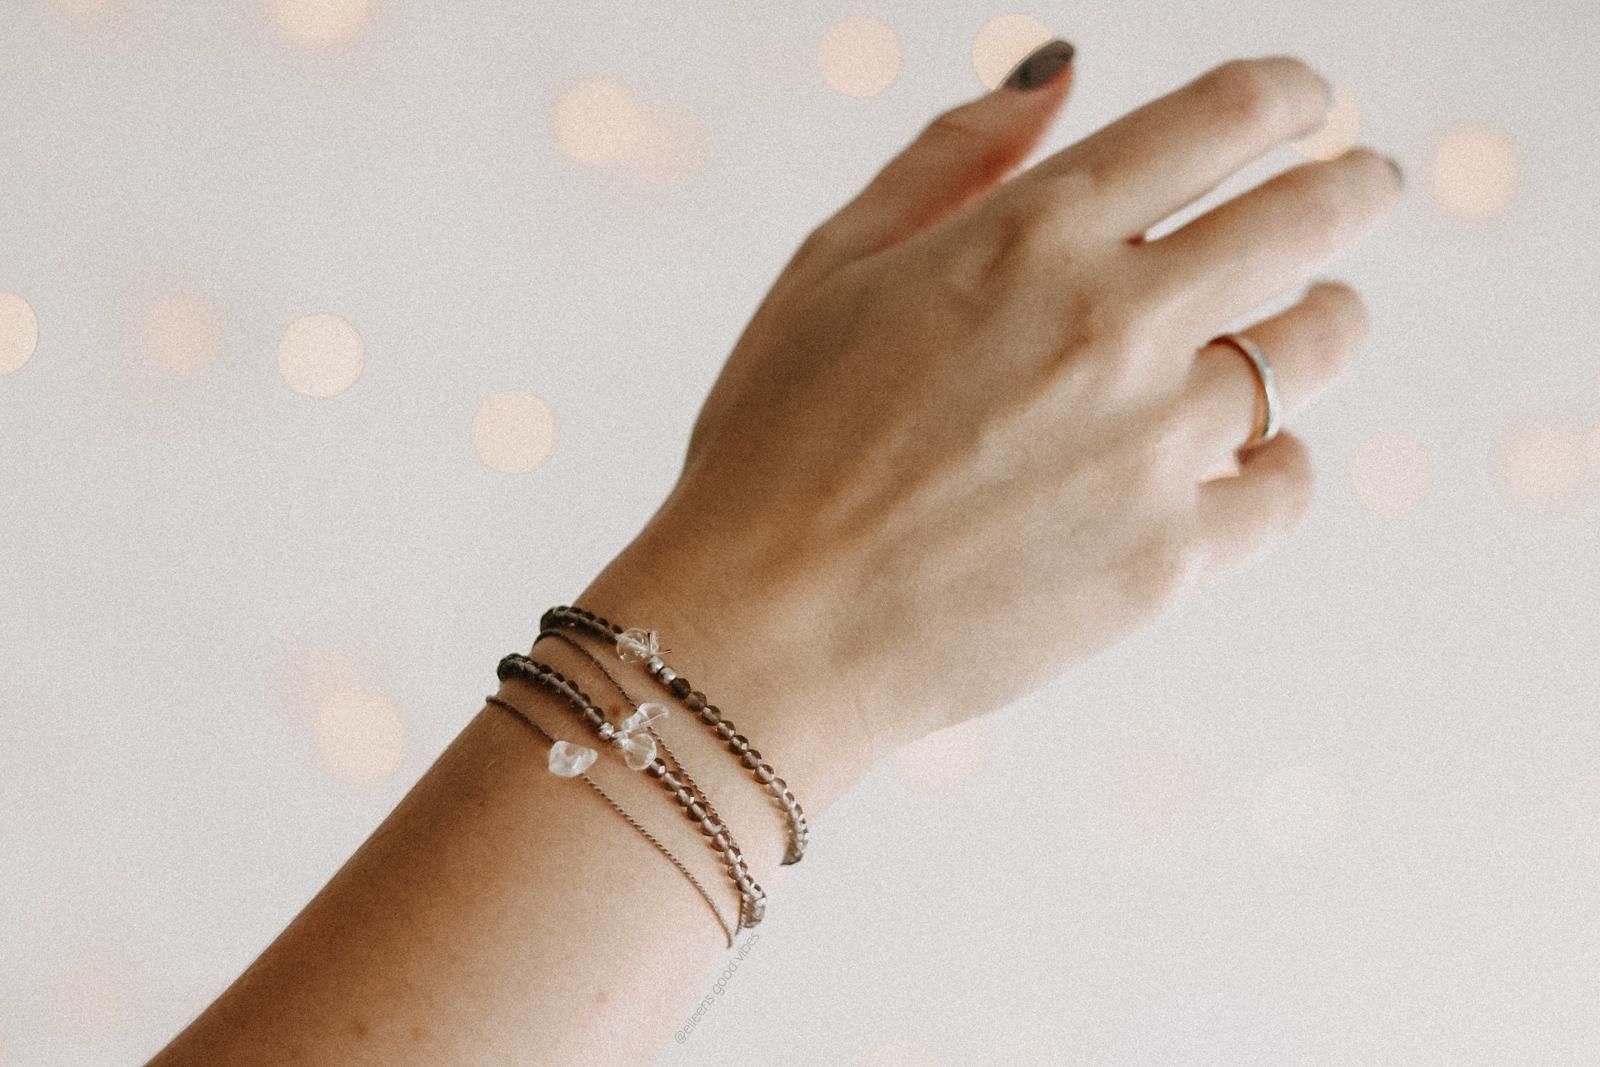 Abgebildete Hand mit Armbändern